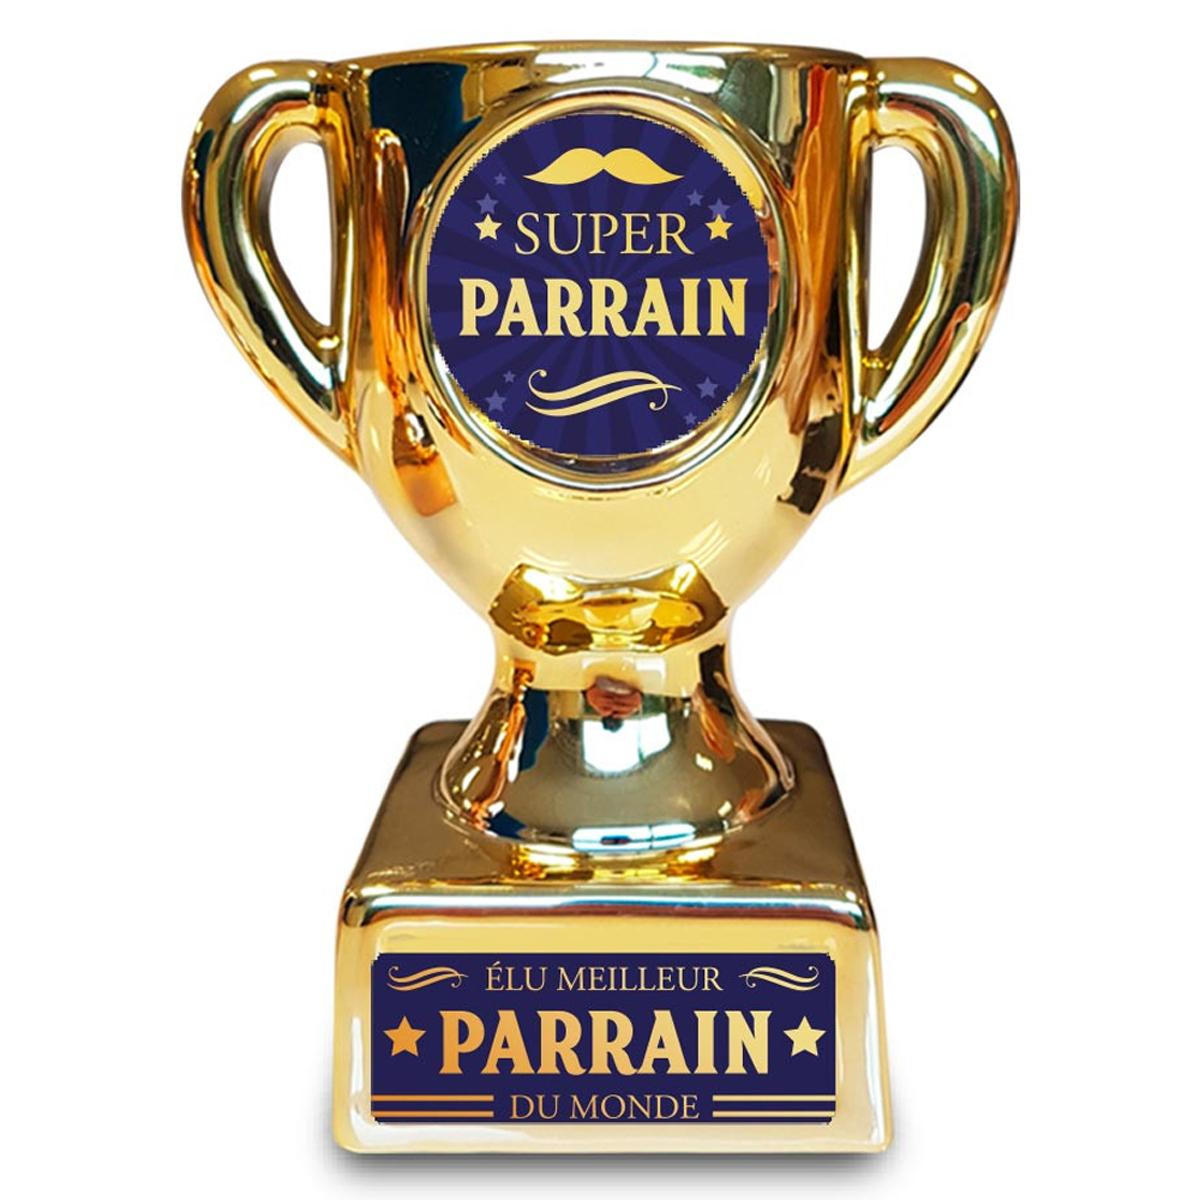 Trophée de star céramique \'Super Parrain\' doré - 160x135x85 mm - [A3265]